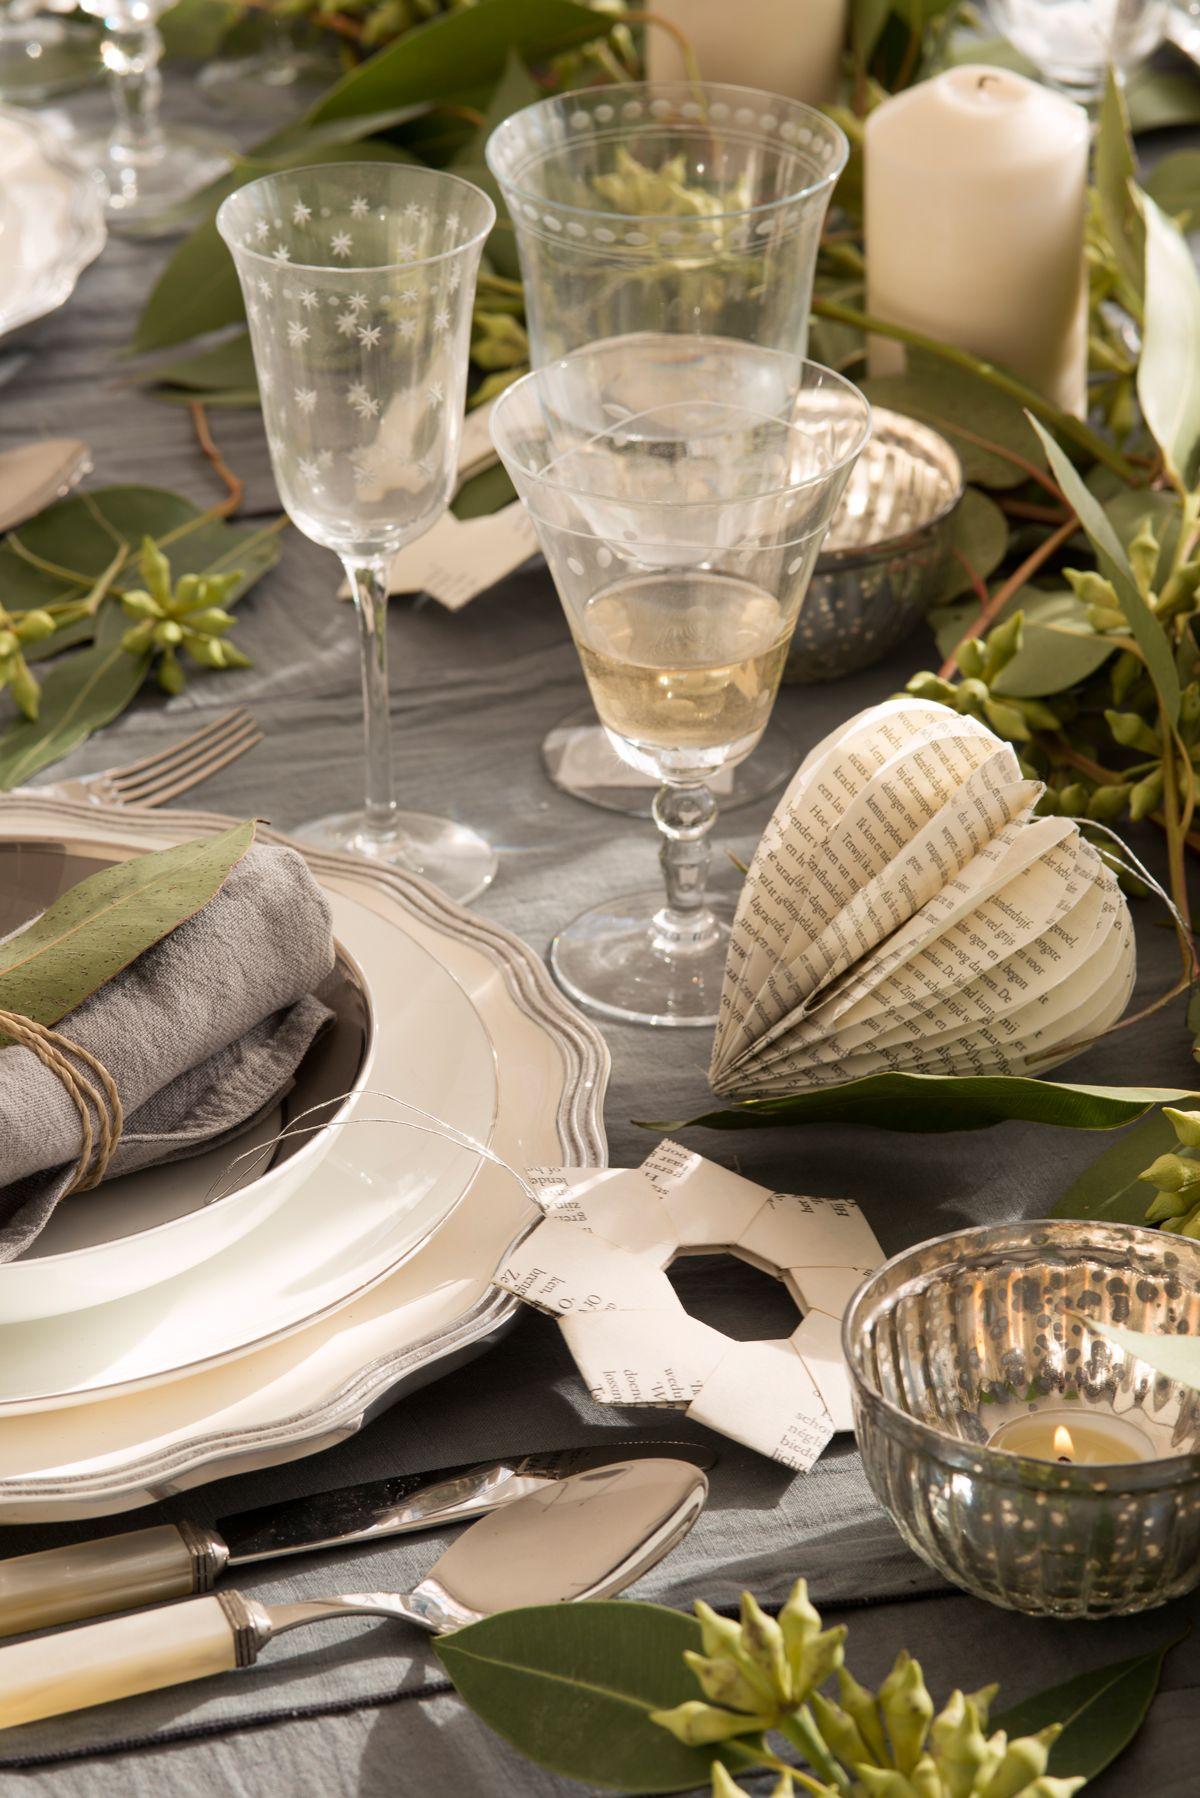 Detalles en amigurumi para decorar la mesa de navidad en grises 00418733 mesas de navidad - Vajillas navidenas ...